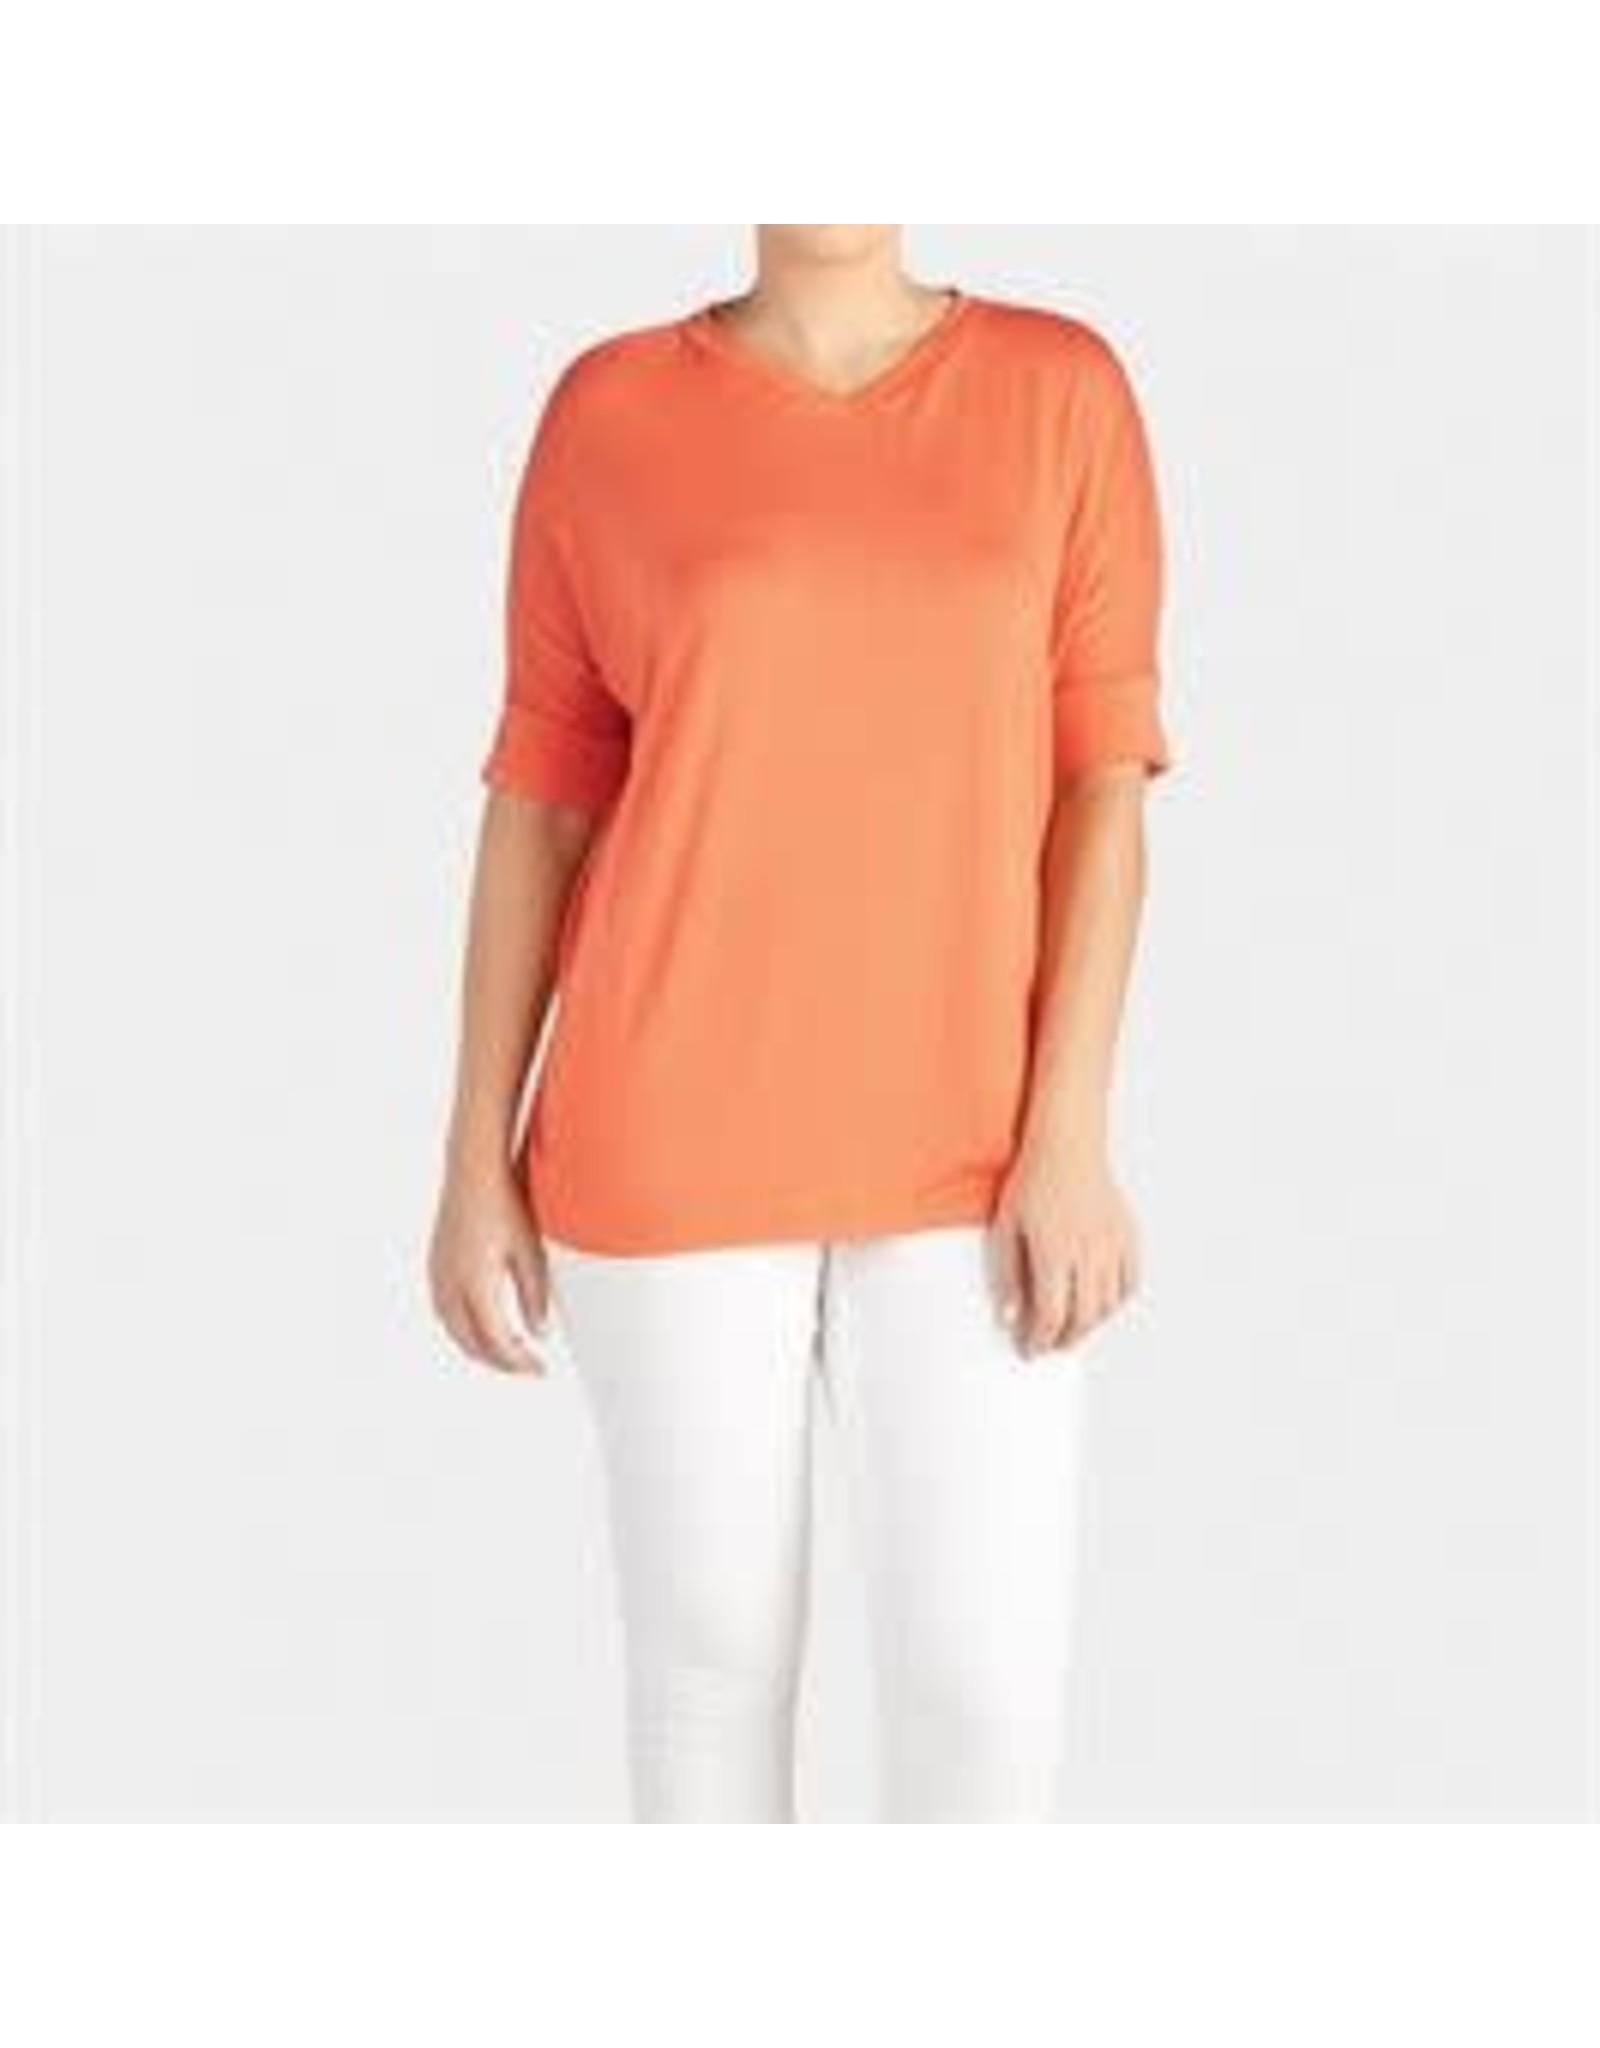 Tangerine Tunic V-Neck